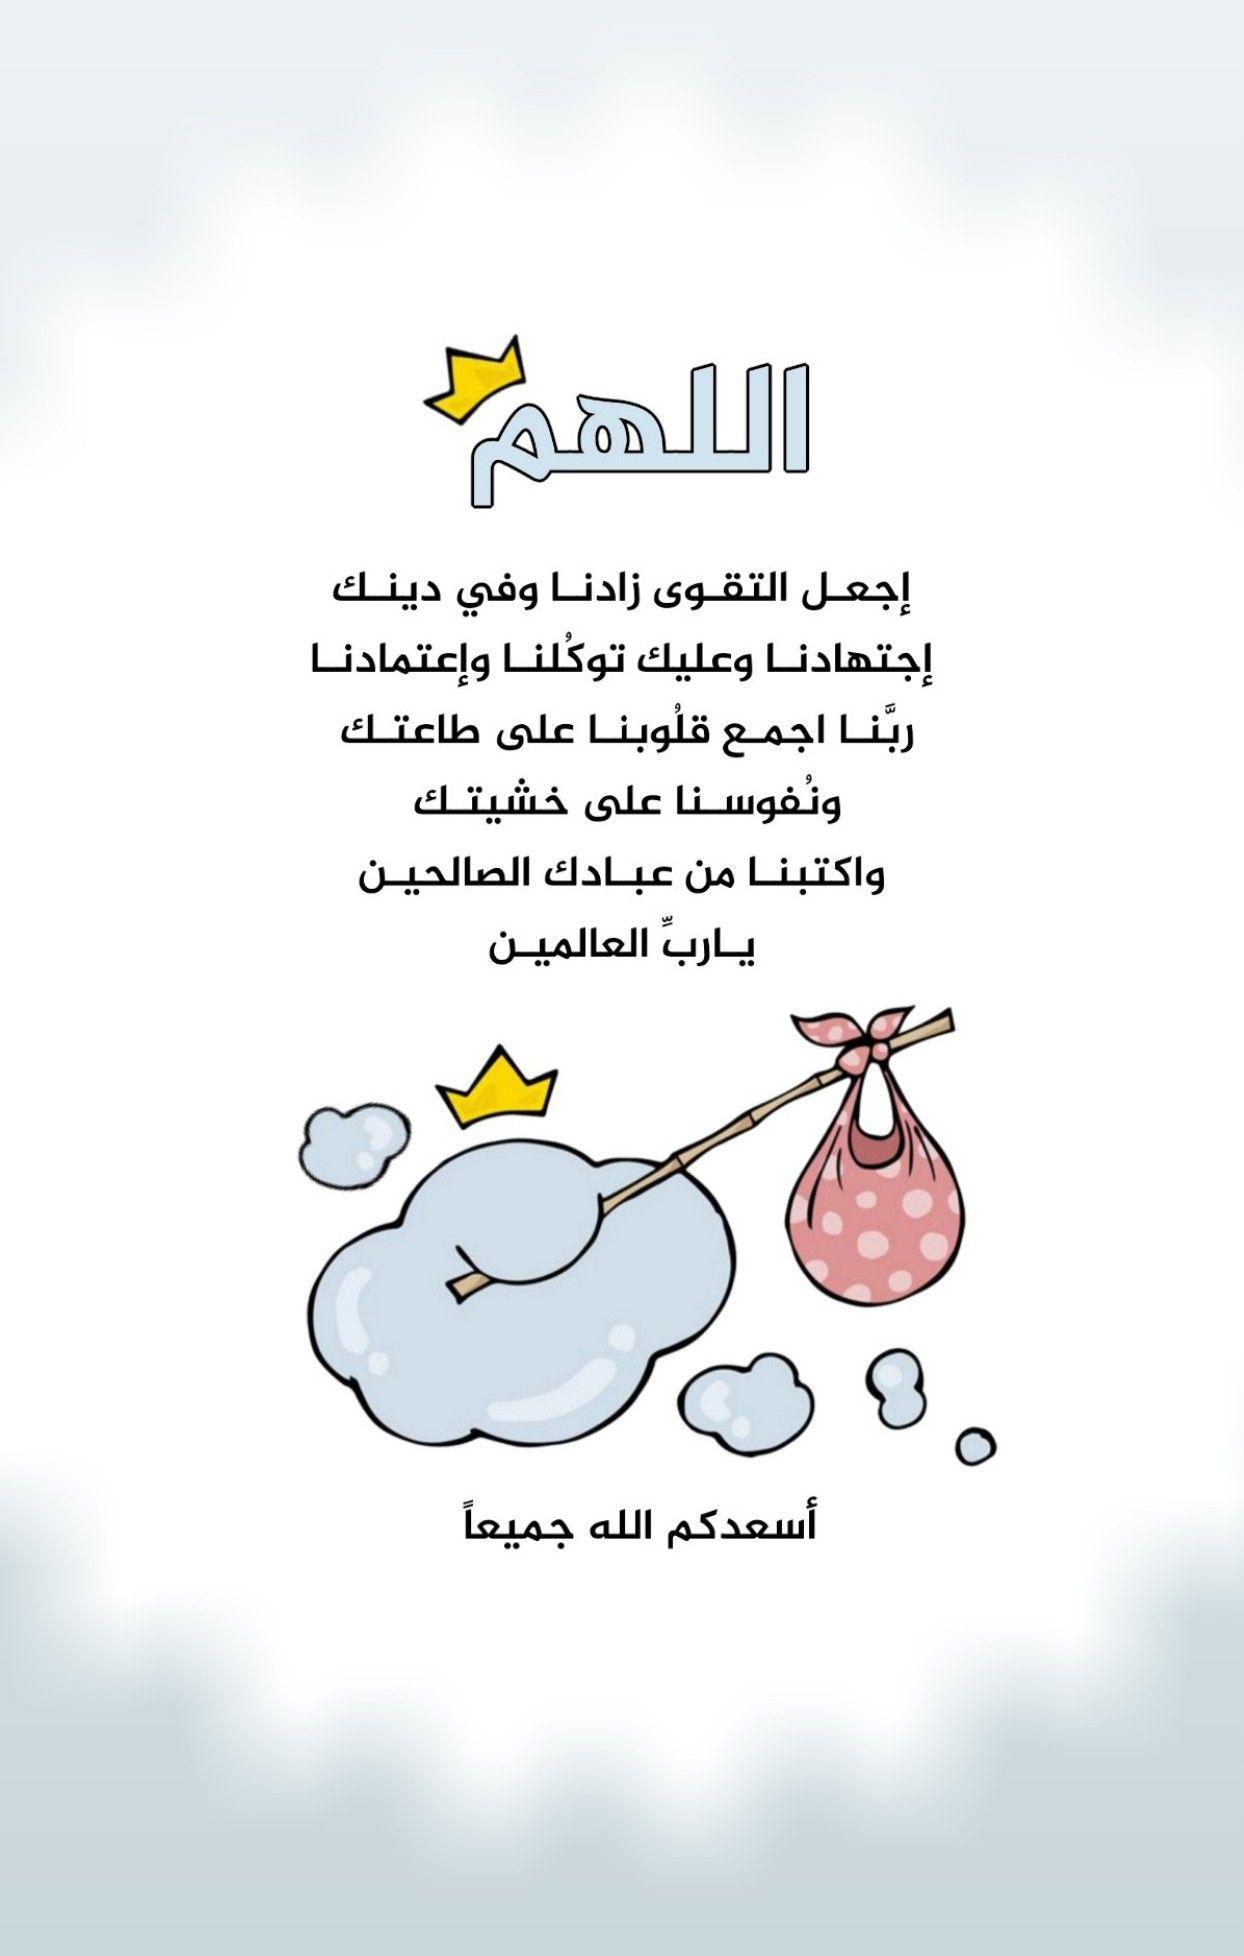 الل ـه ــم إجعـل التقـوى زادنـا وفي دينـك إجتهادنـا وعليك توك لنـا وإعتمادنـا رب نـا اجمـع ق Quran Quotes Love Funny Arabic Quotes Islamic Love Quotes